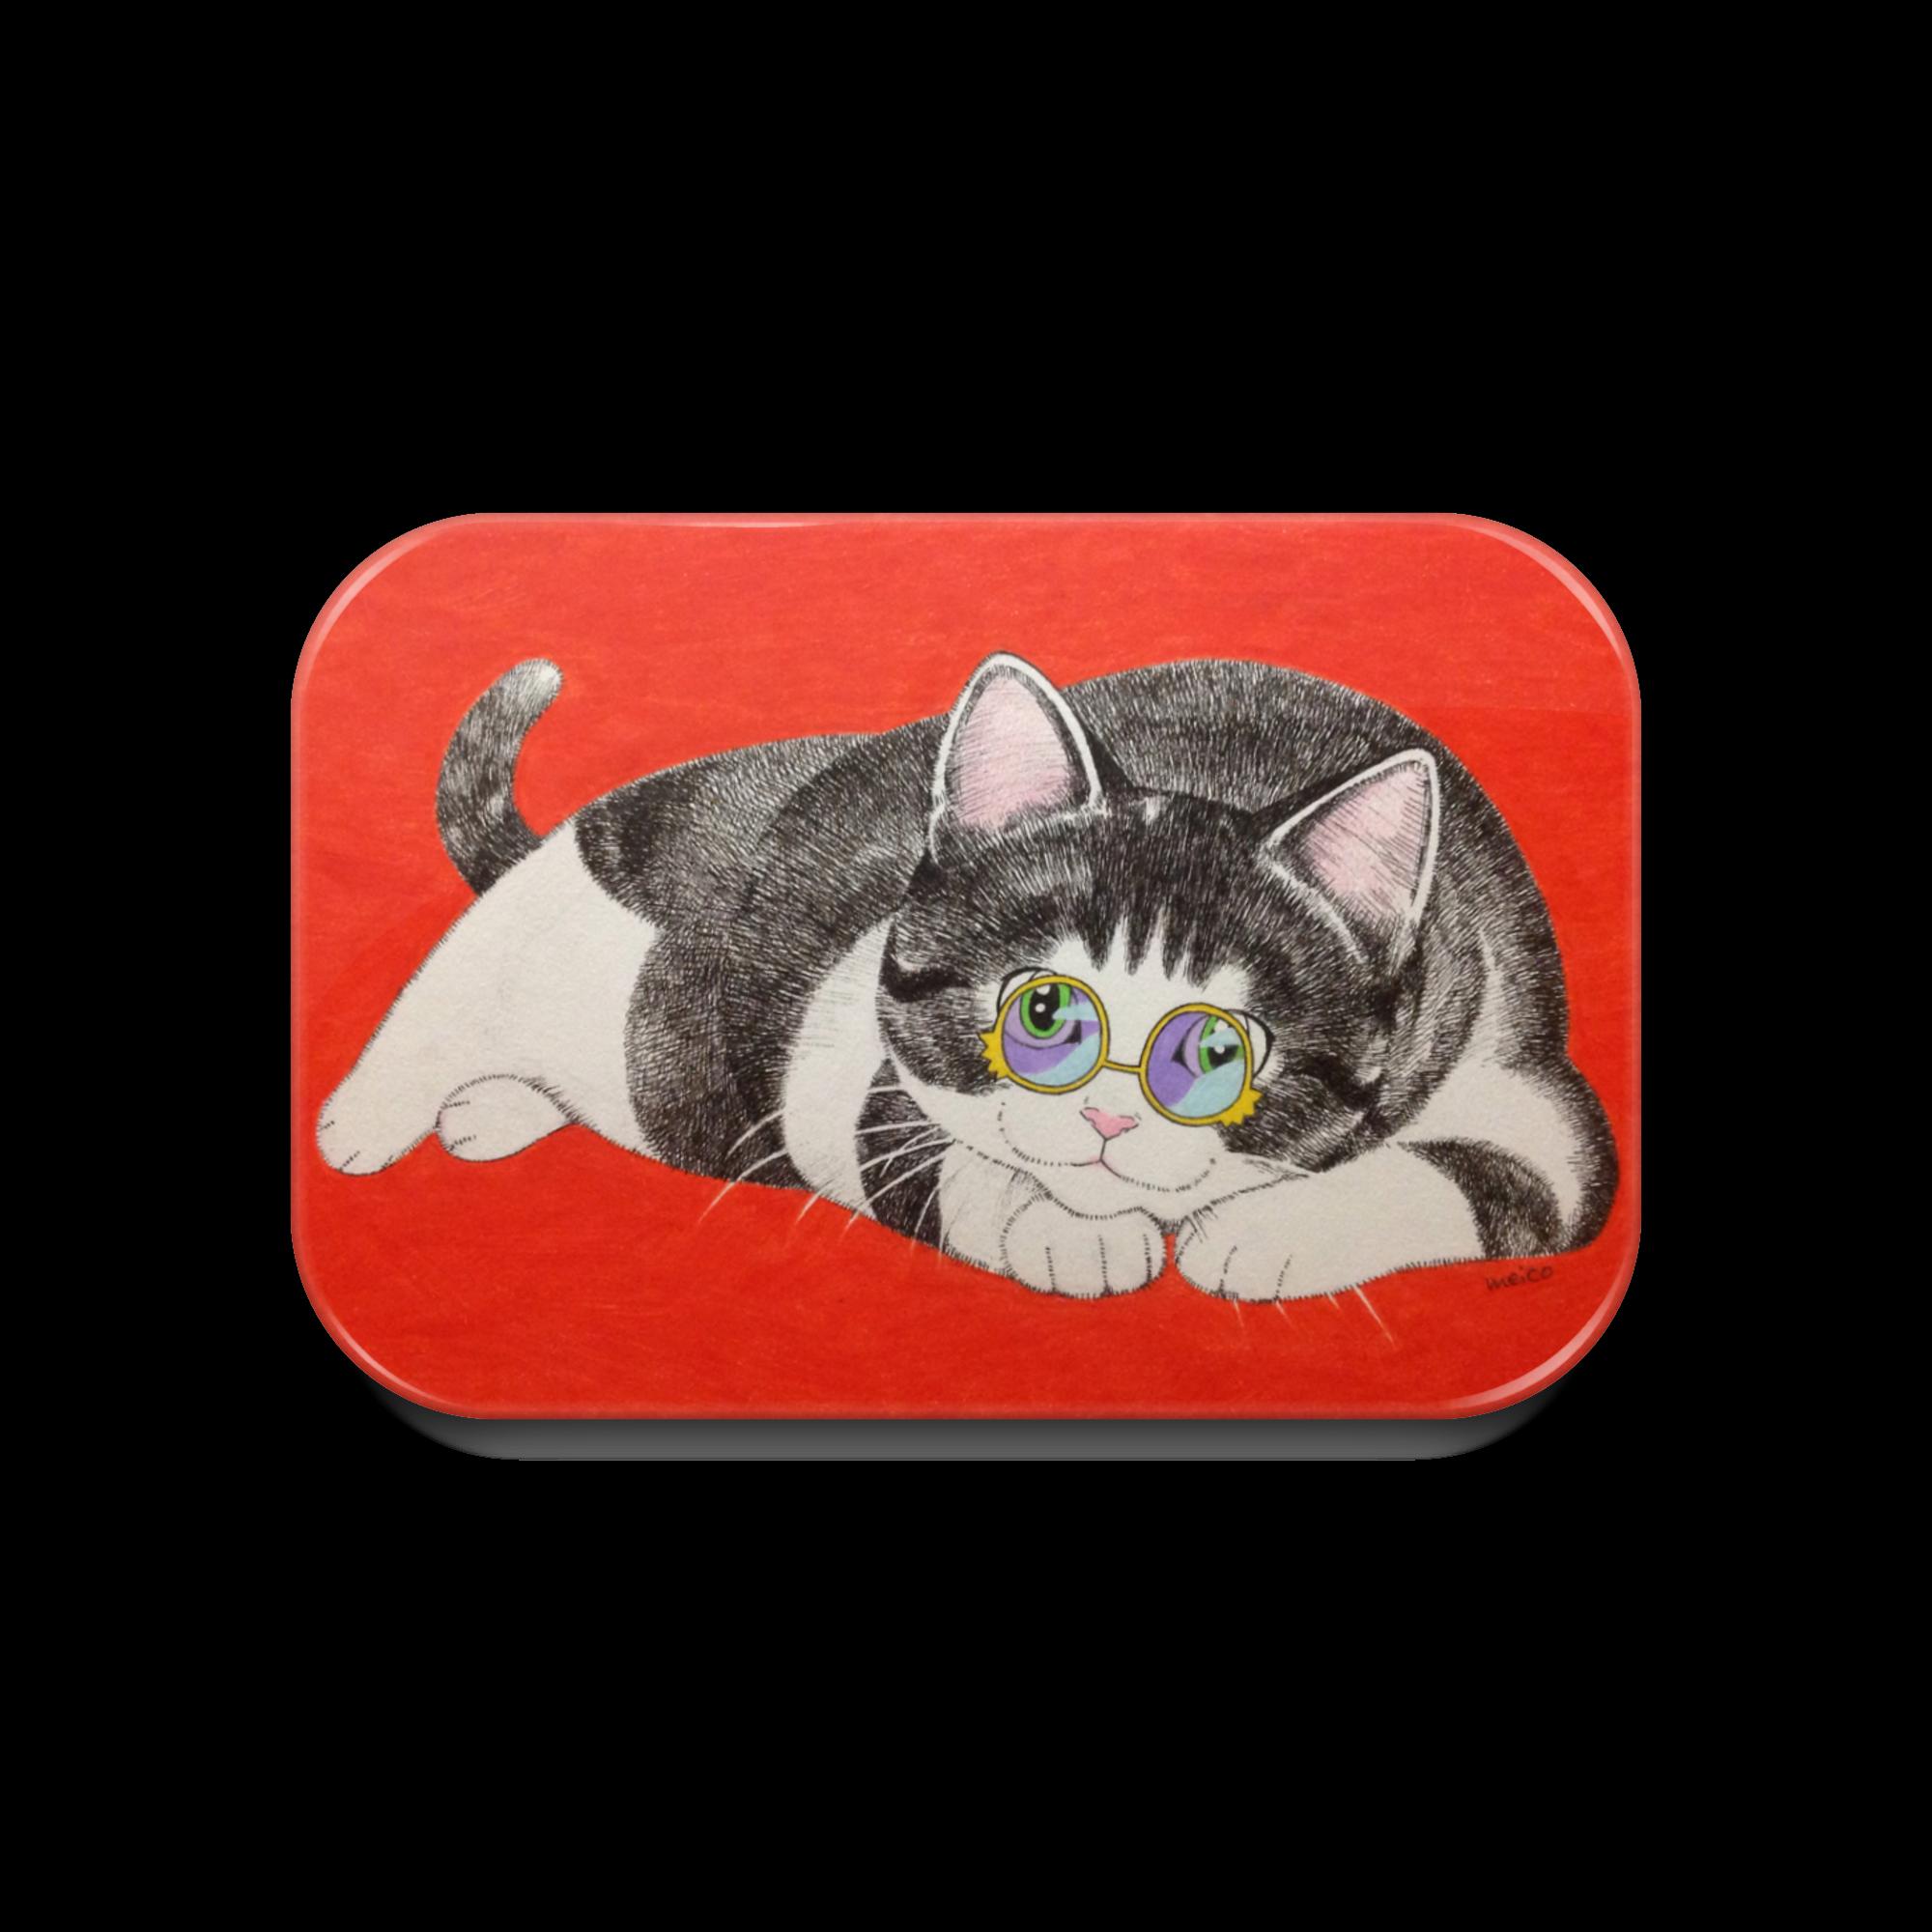 メガネ猫 缶バッジ